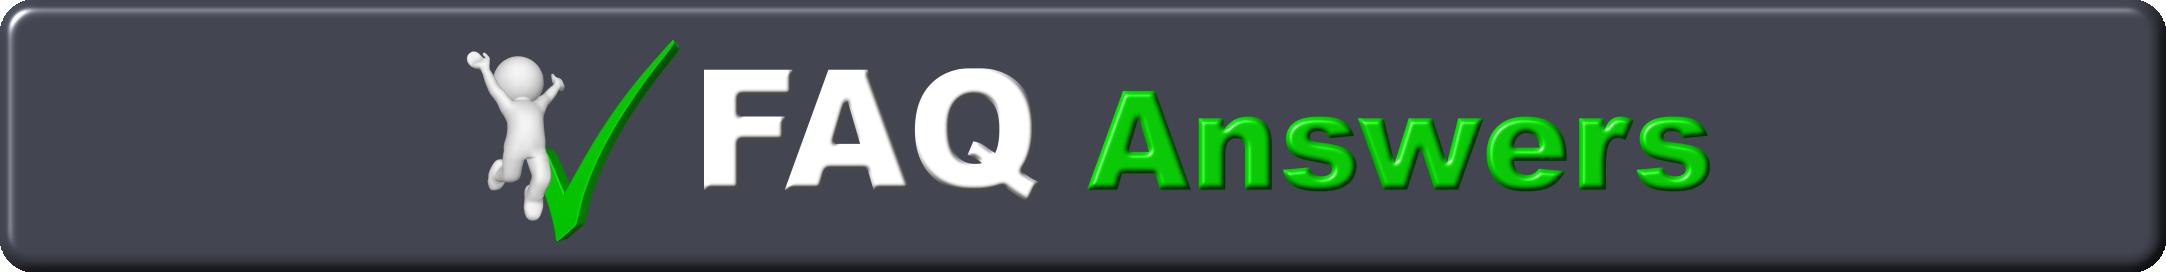 FAQ-Title-2